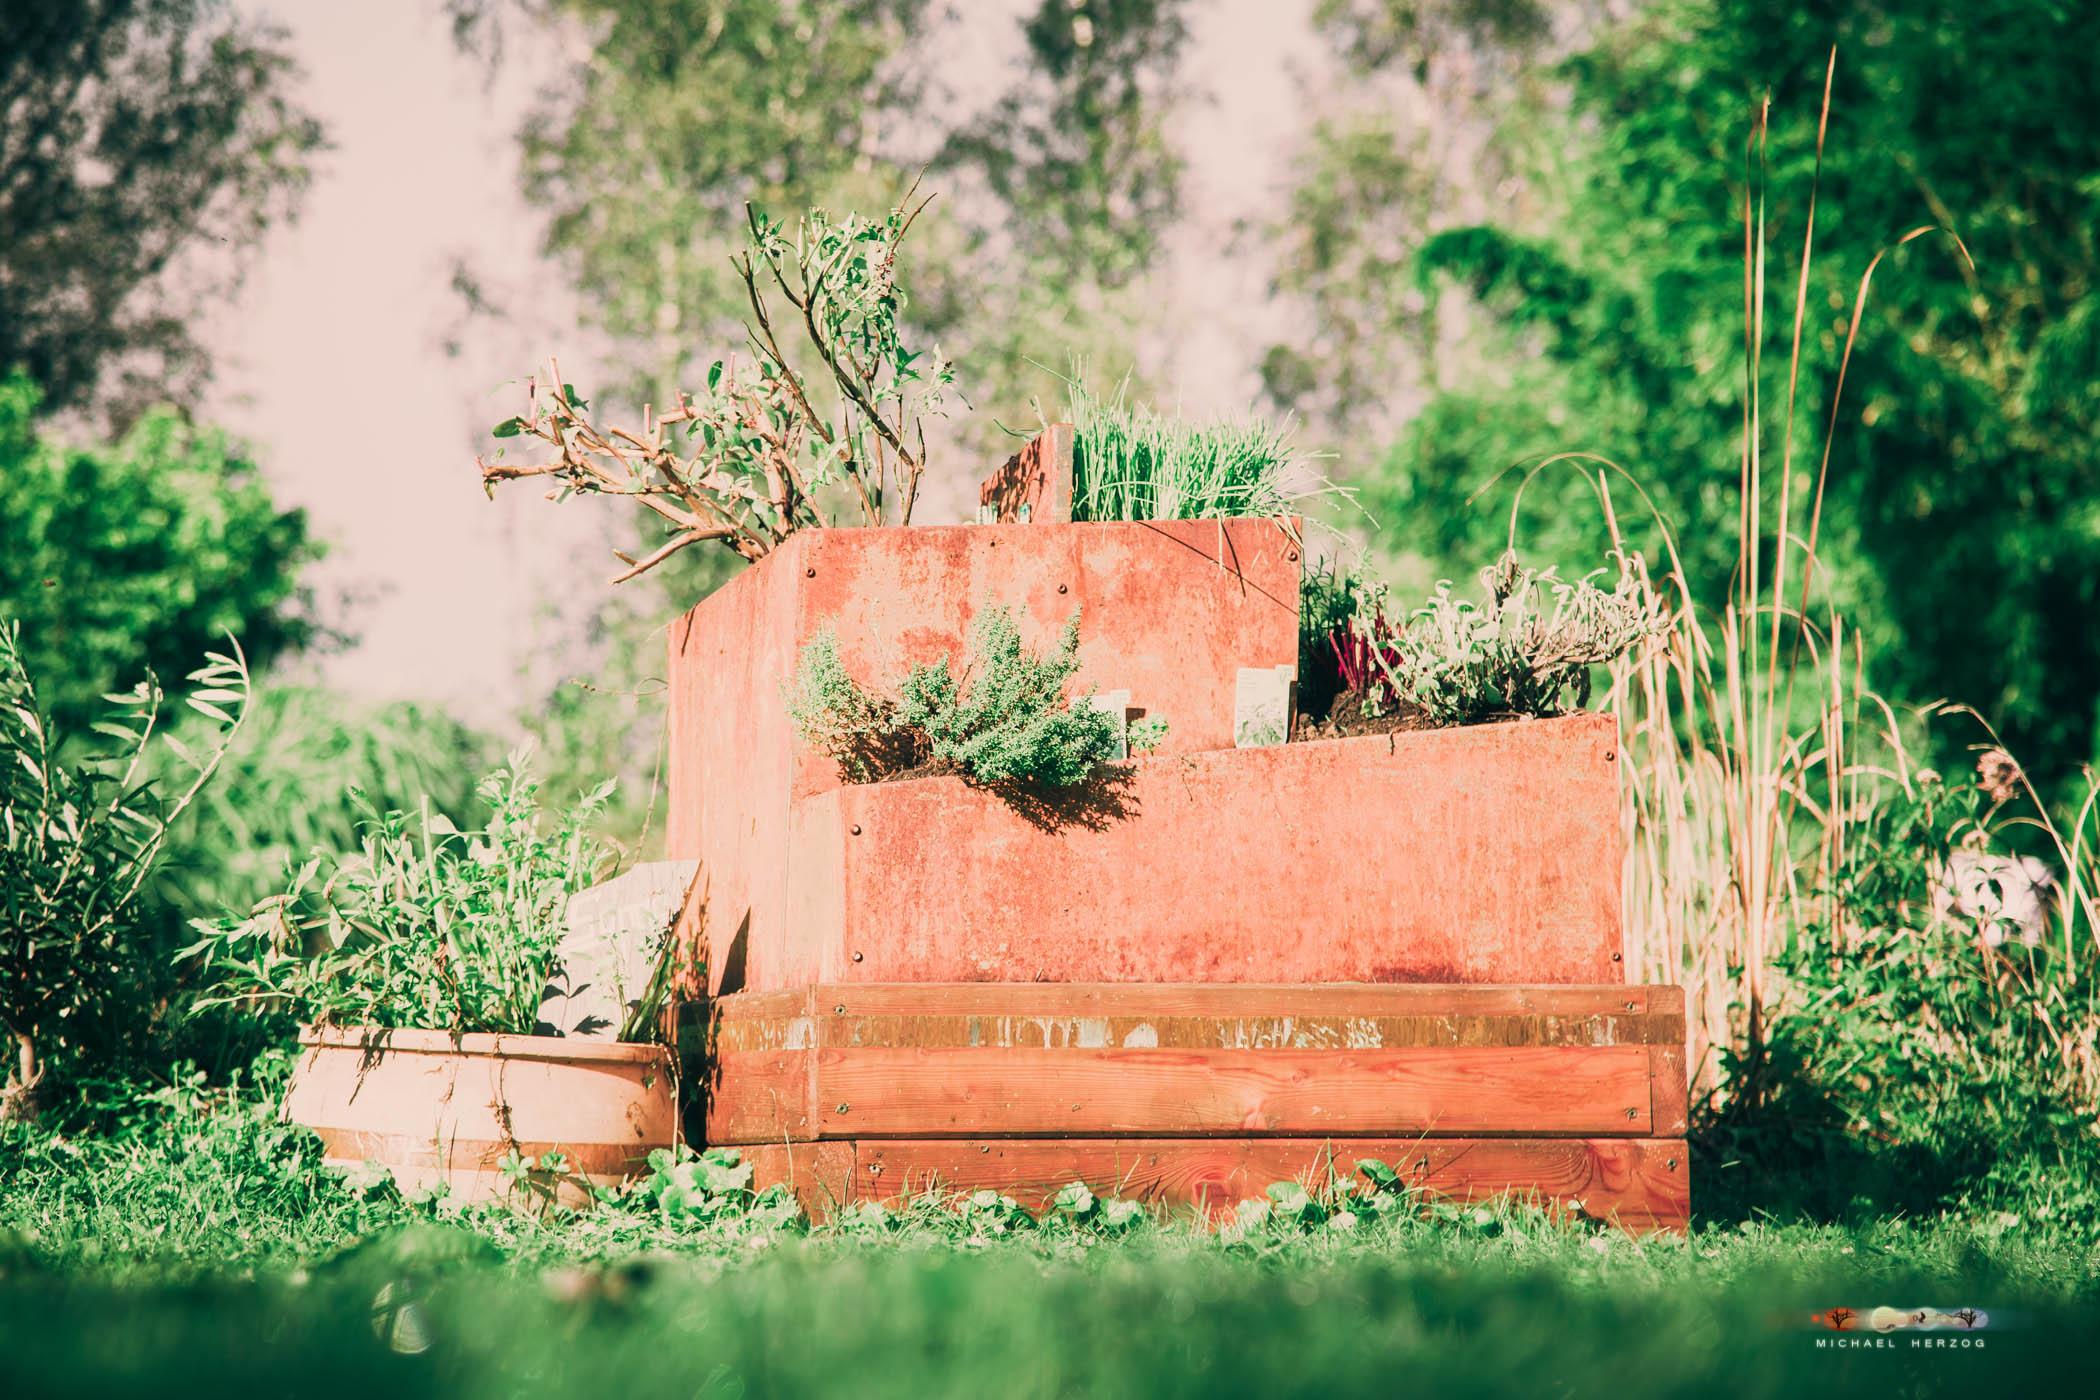 Garten_Herbst_MichaelHerzog-4453.jpg